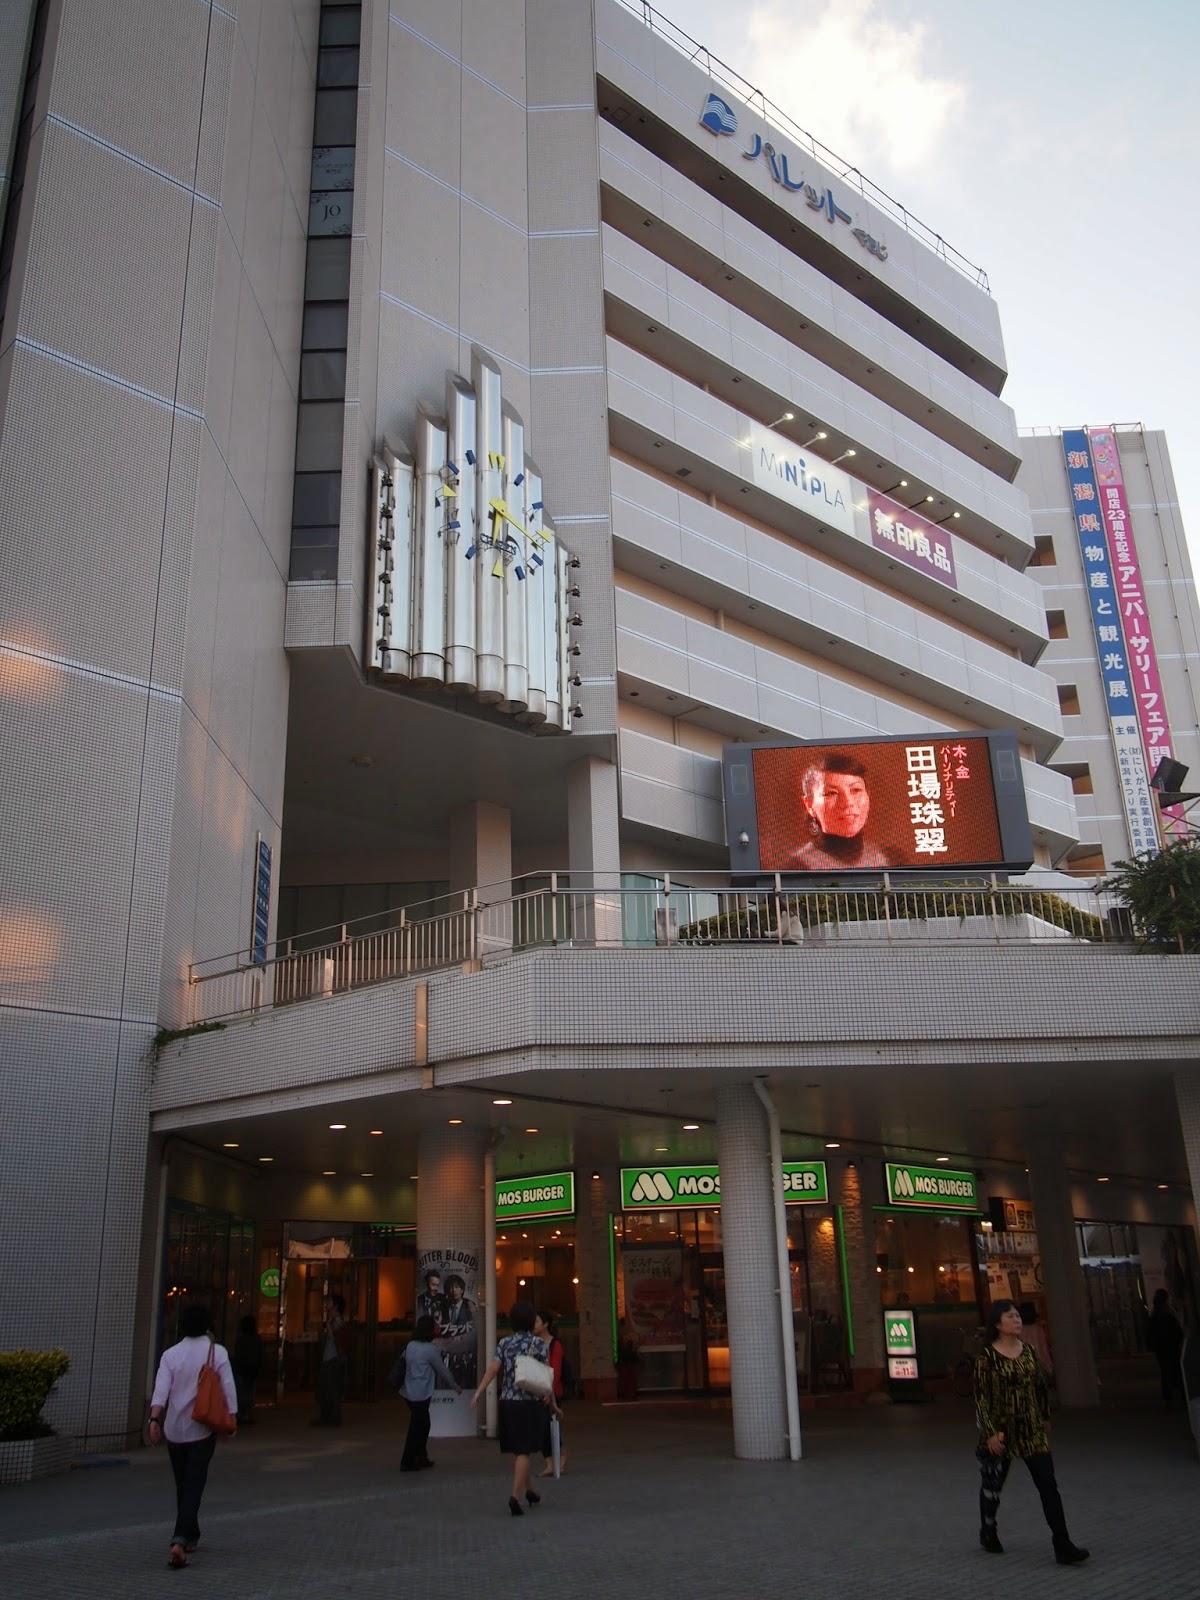 [沖繩] 非自駕遊 - Day 2 - 旅程中最讚的一餐 - スチームダイニング しまぶた屋 (沖繩島豚料理) | 架架麵飲食 ...